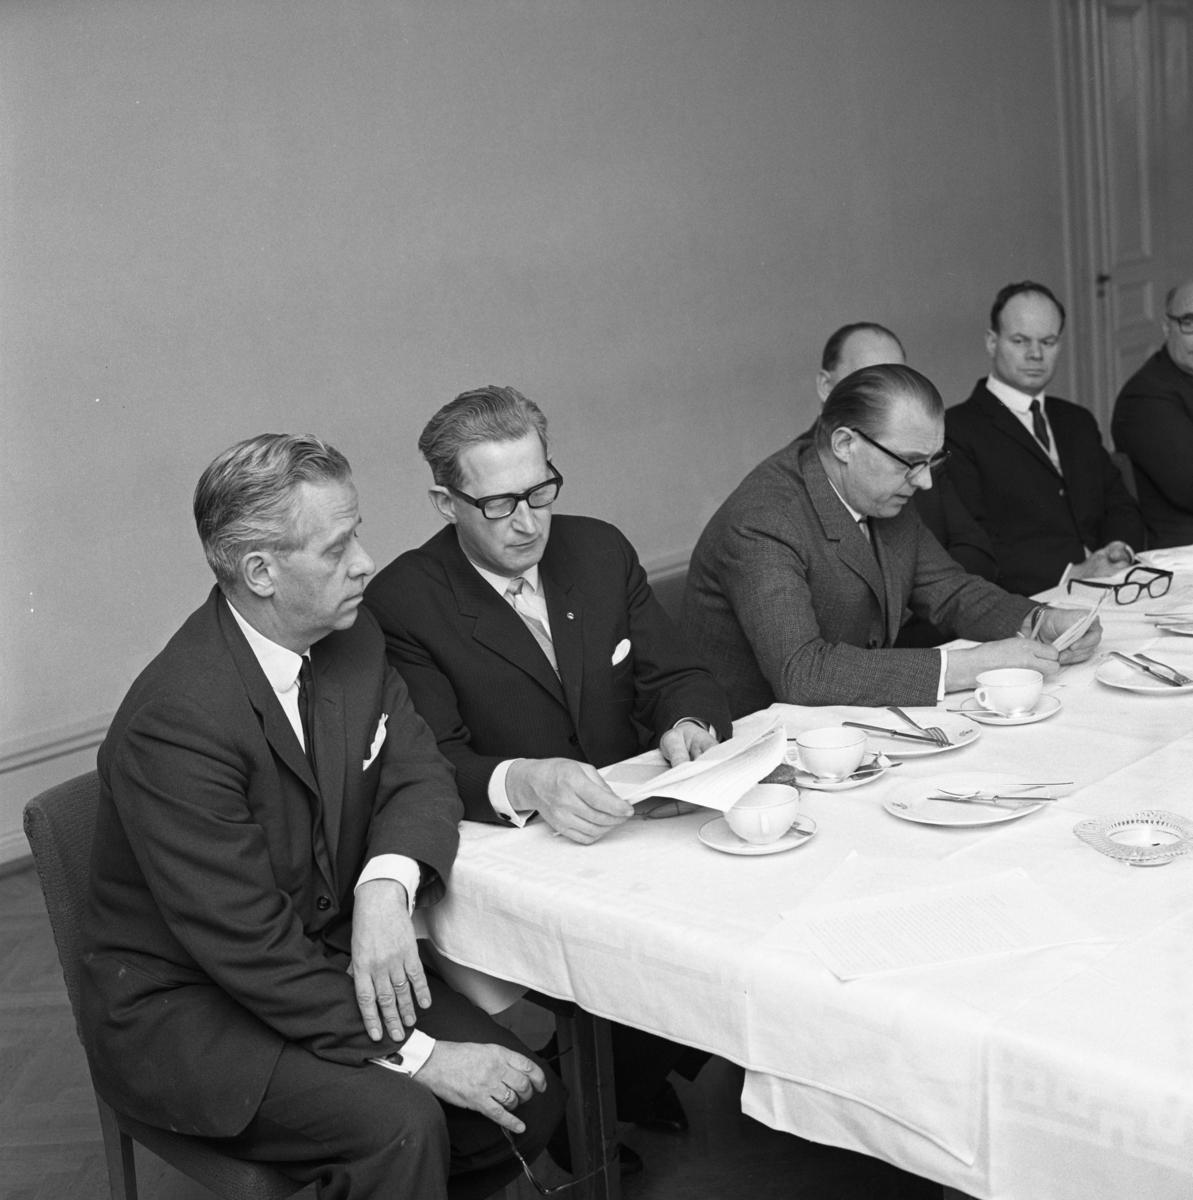 Hantverksföreningens PR-kurs. Nummer två från vänster är Hjalmar Modigh. Kostymklädda män vid bord dukat för kaffe.